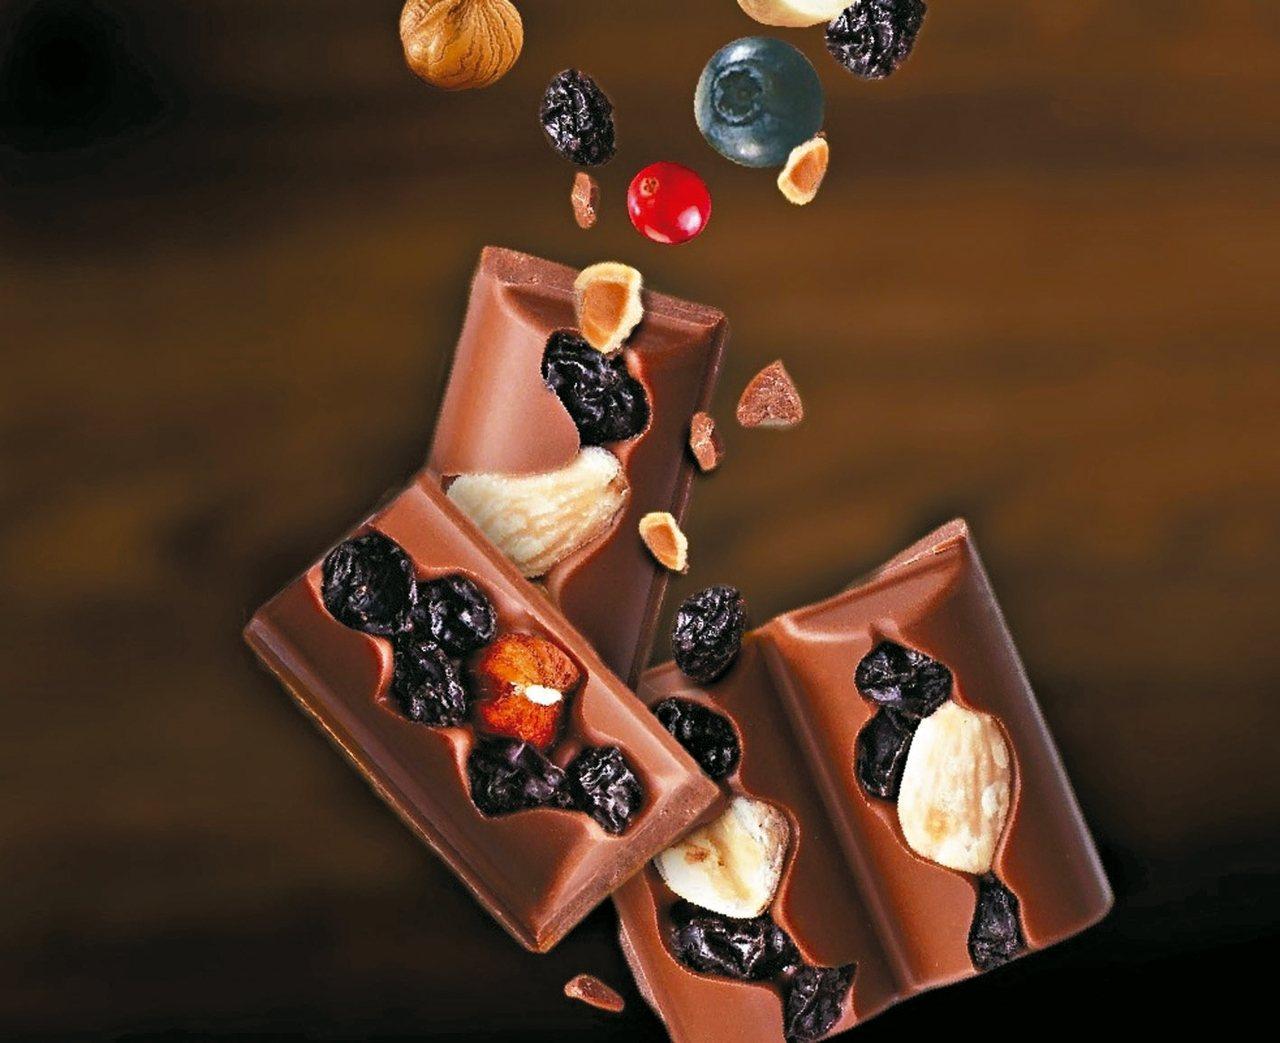 雀巢LATELIER頂級巧克力即日起全台好市多限量販售。 雀巢/提供